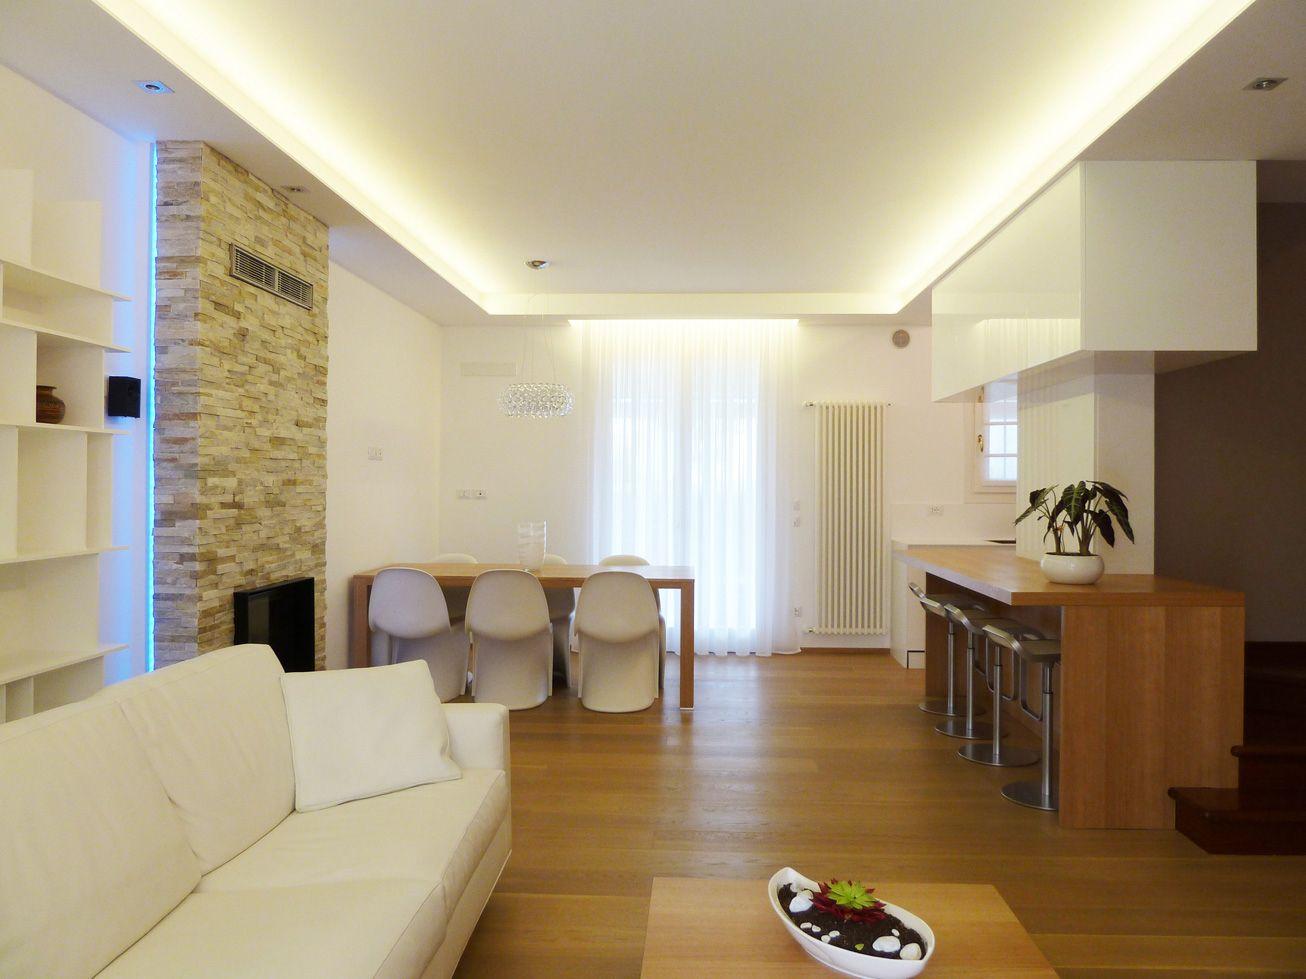 Uno splendido soggiorno illuminato da strisce led bianche - Luci da casa ...